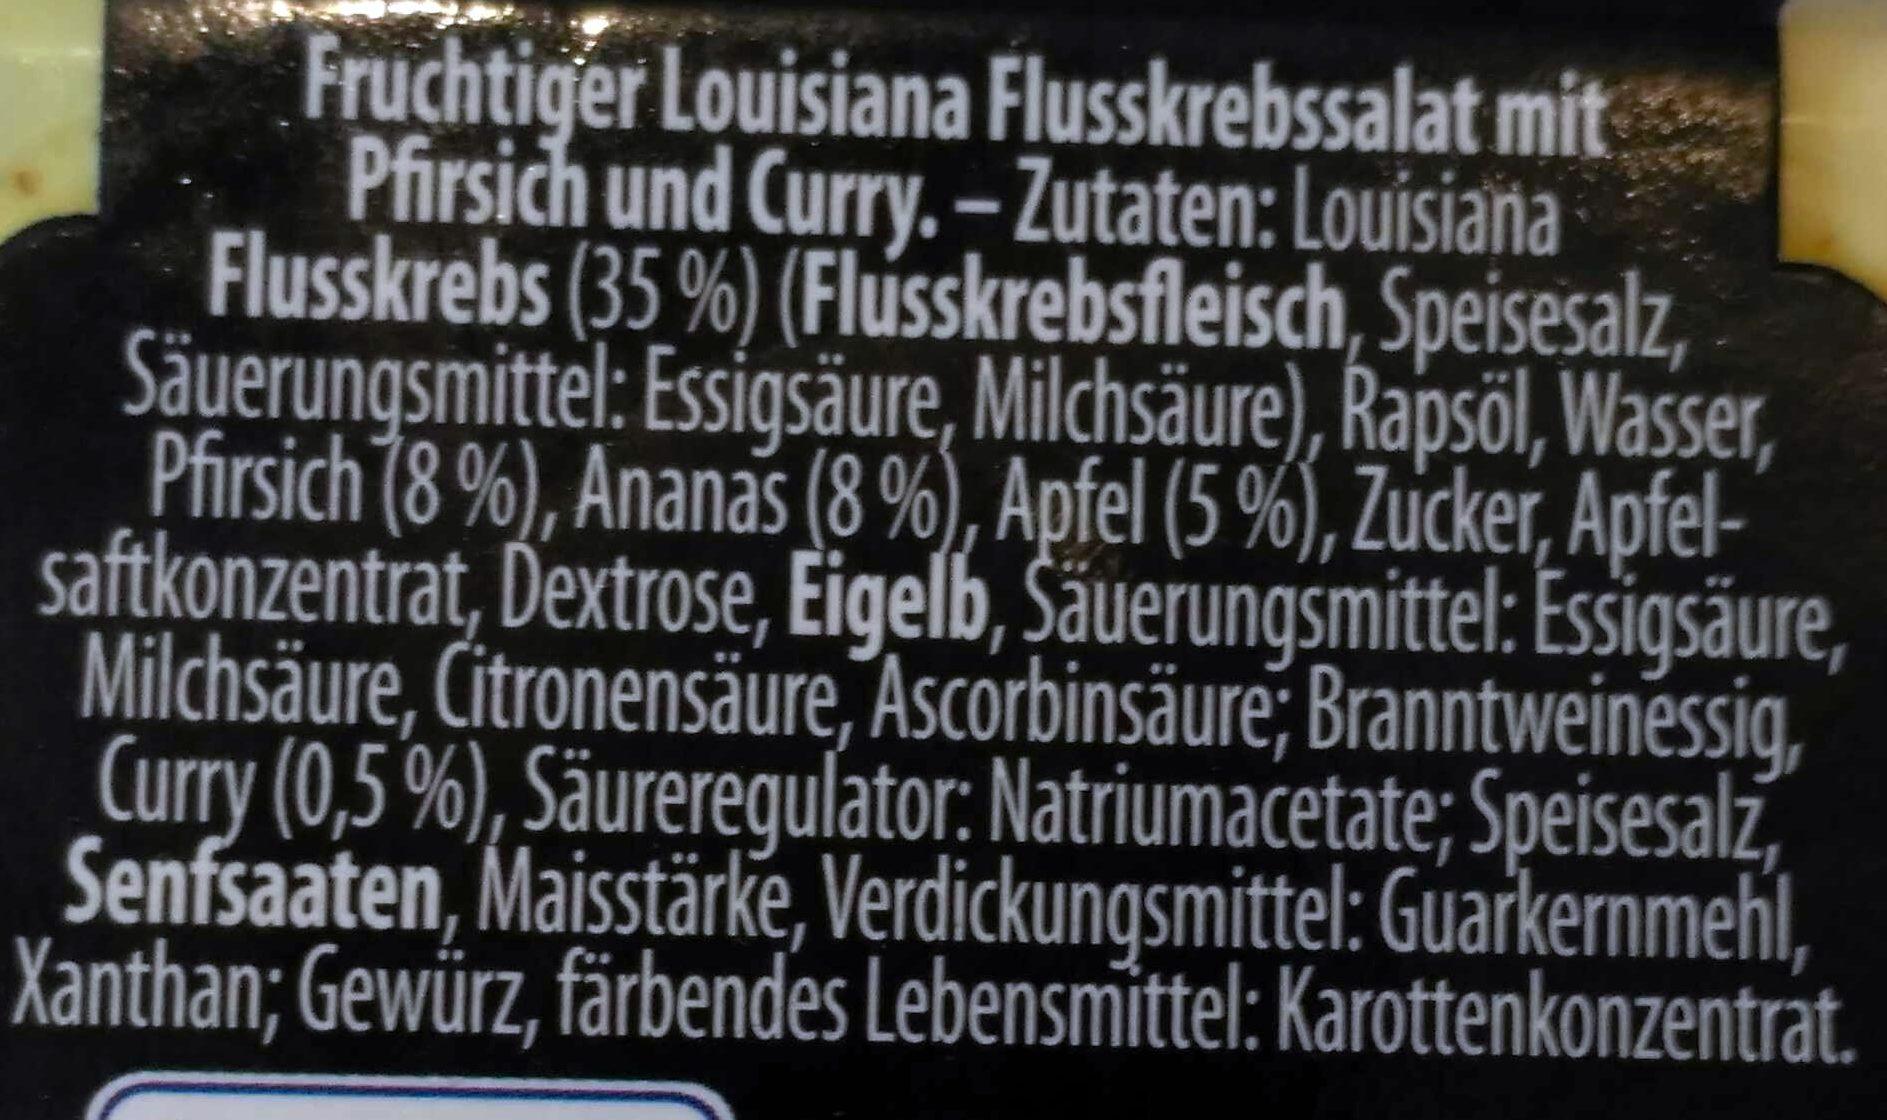 Louisiana Flusskrebssalat mit Pfirsich und Curry - Ingredients - de